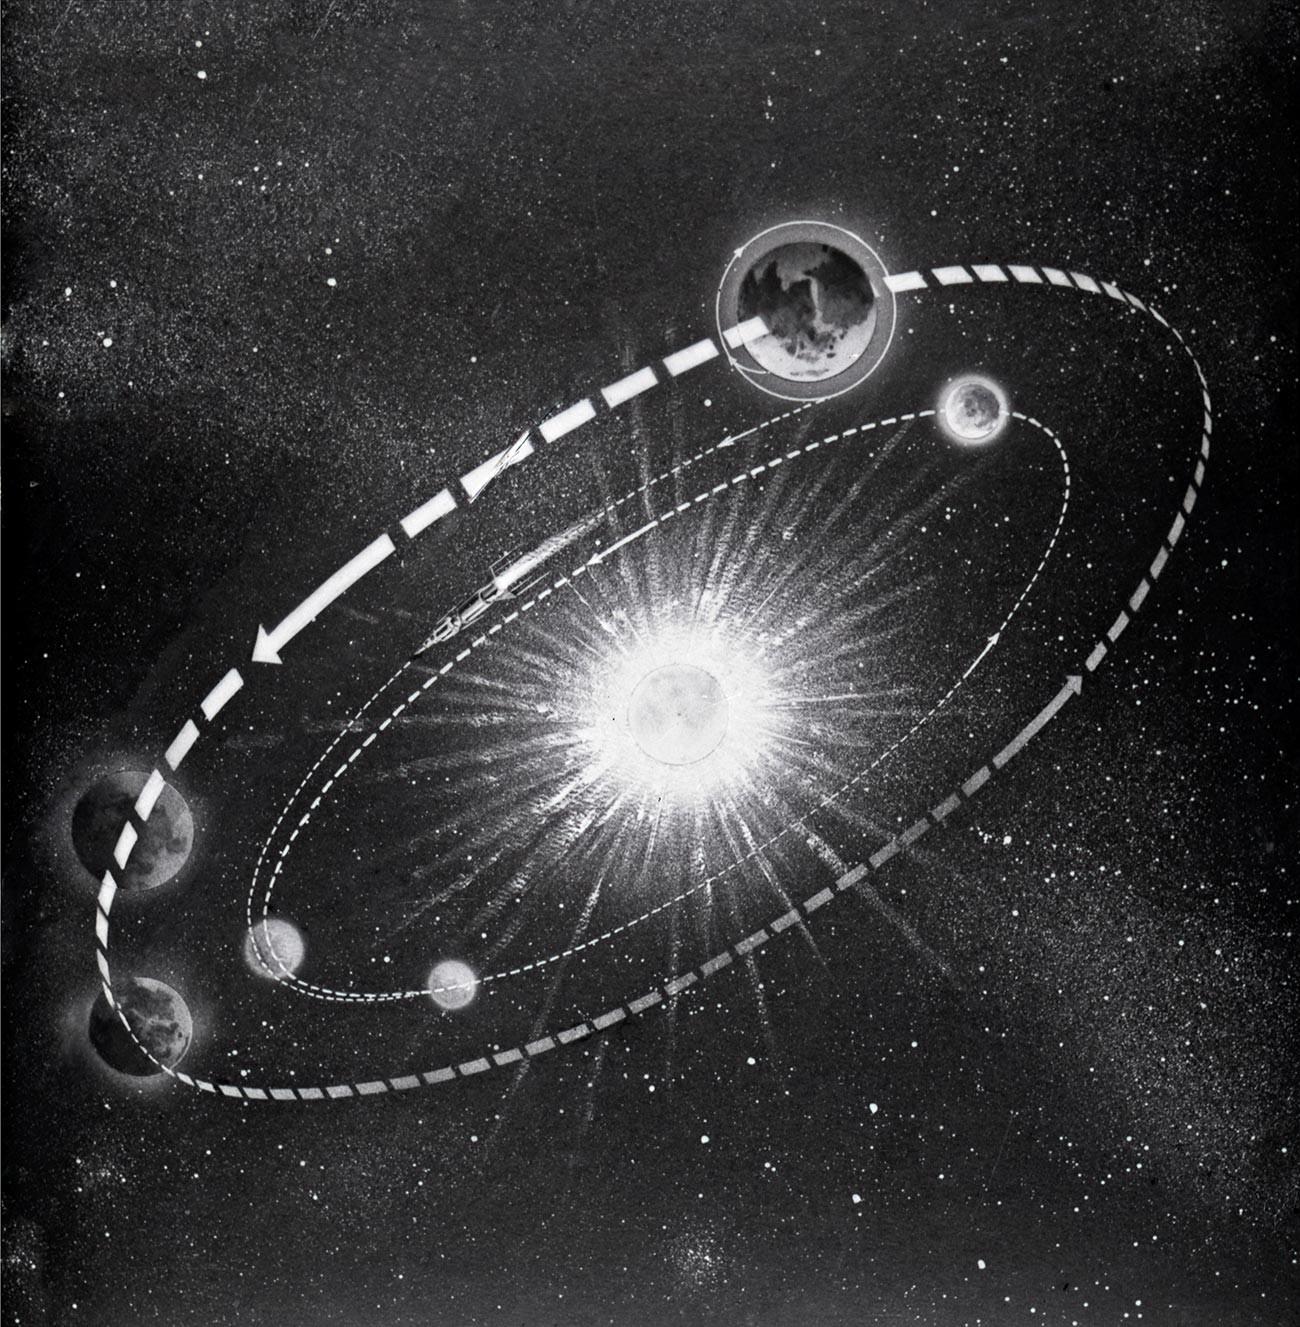 Diagram penerbangan pesawat ruang angkasa Venera-1 ke Venus.